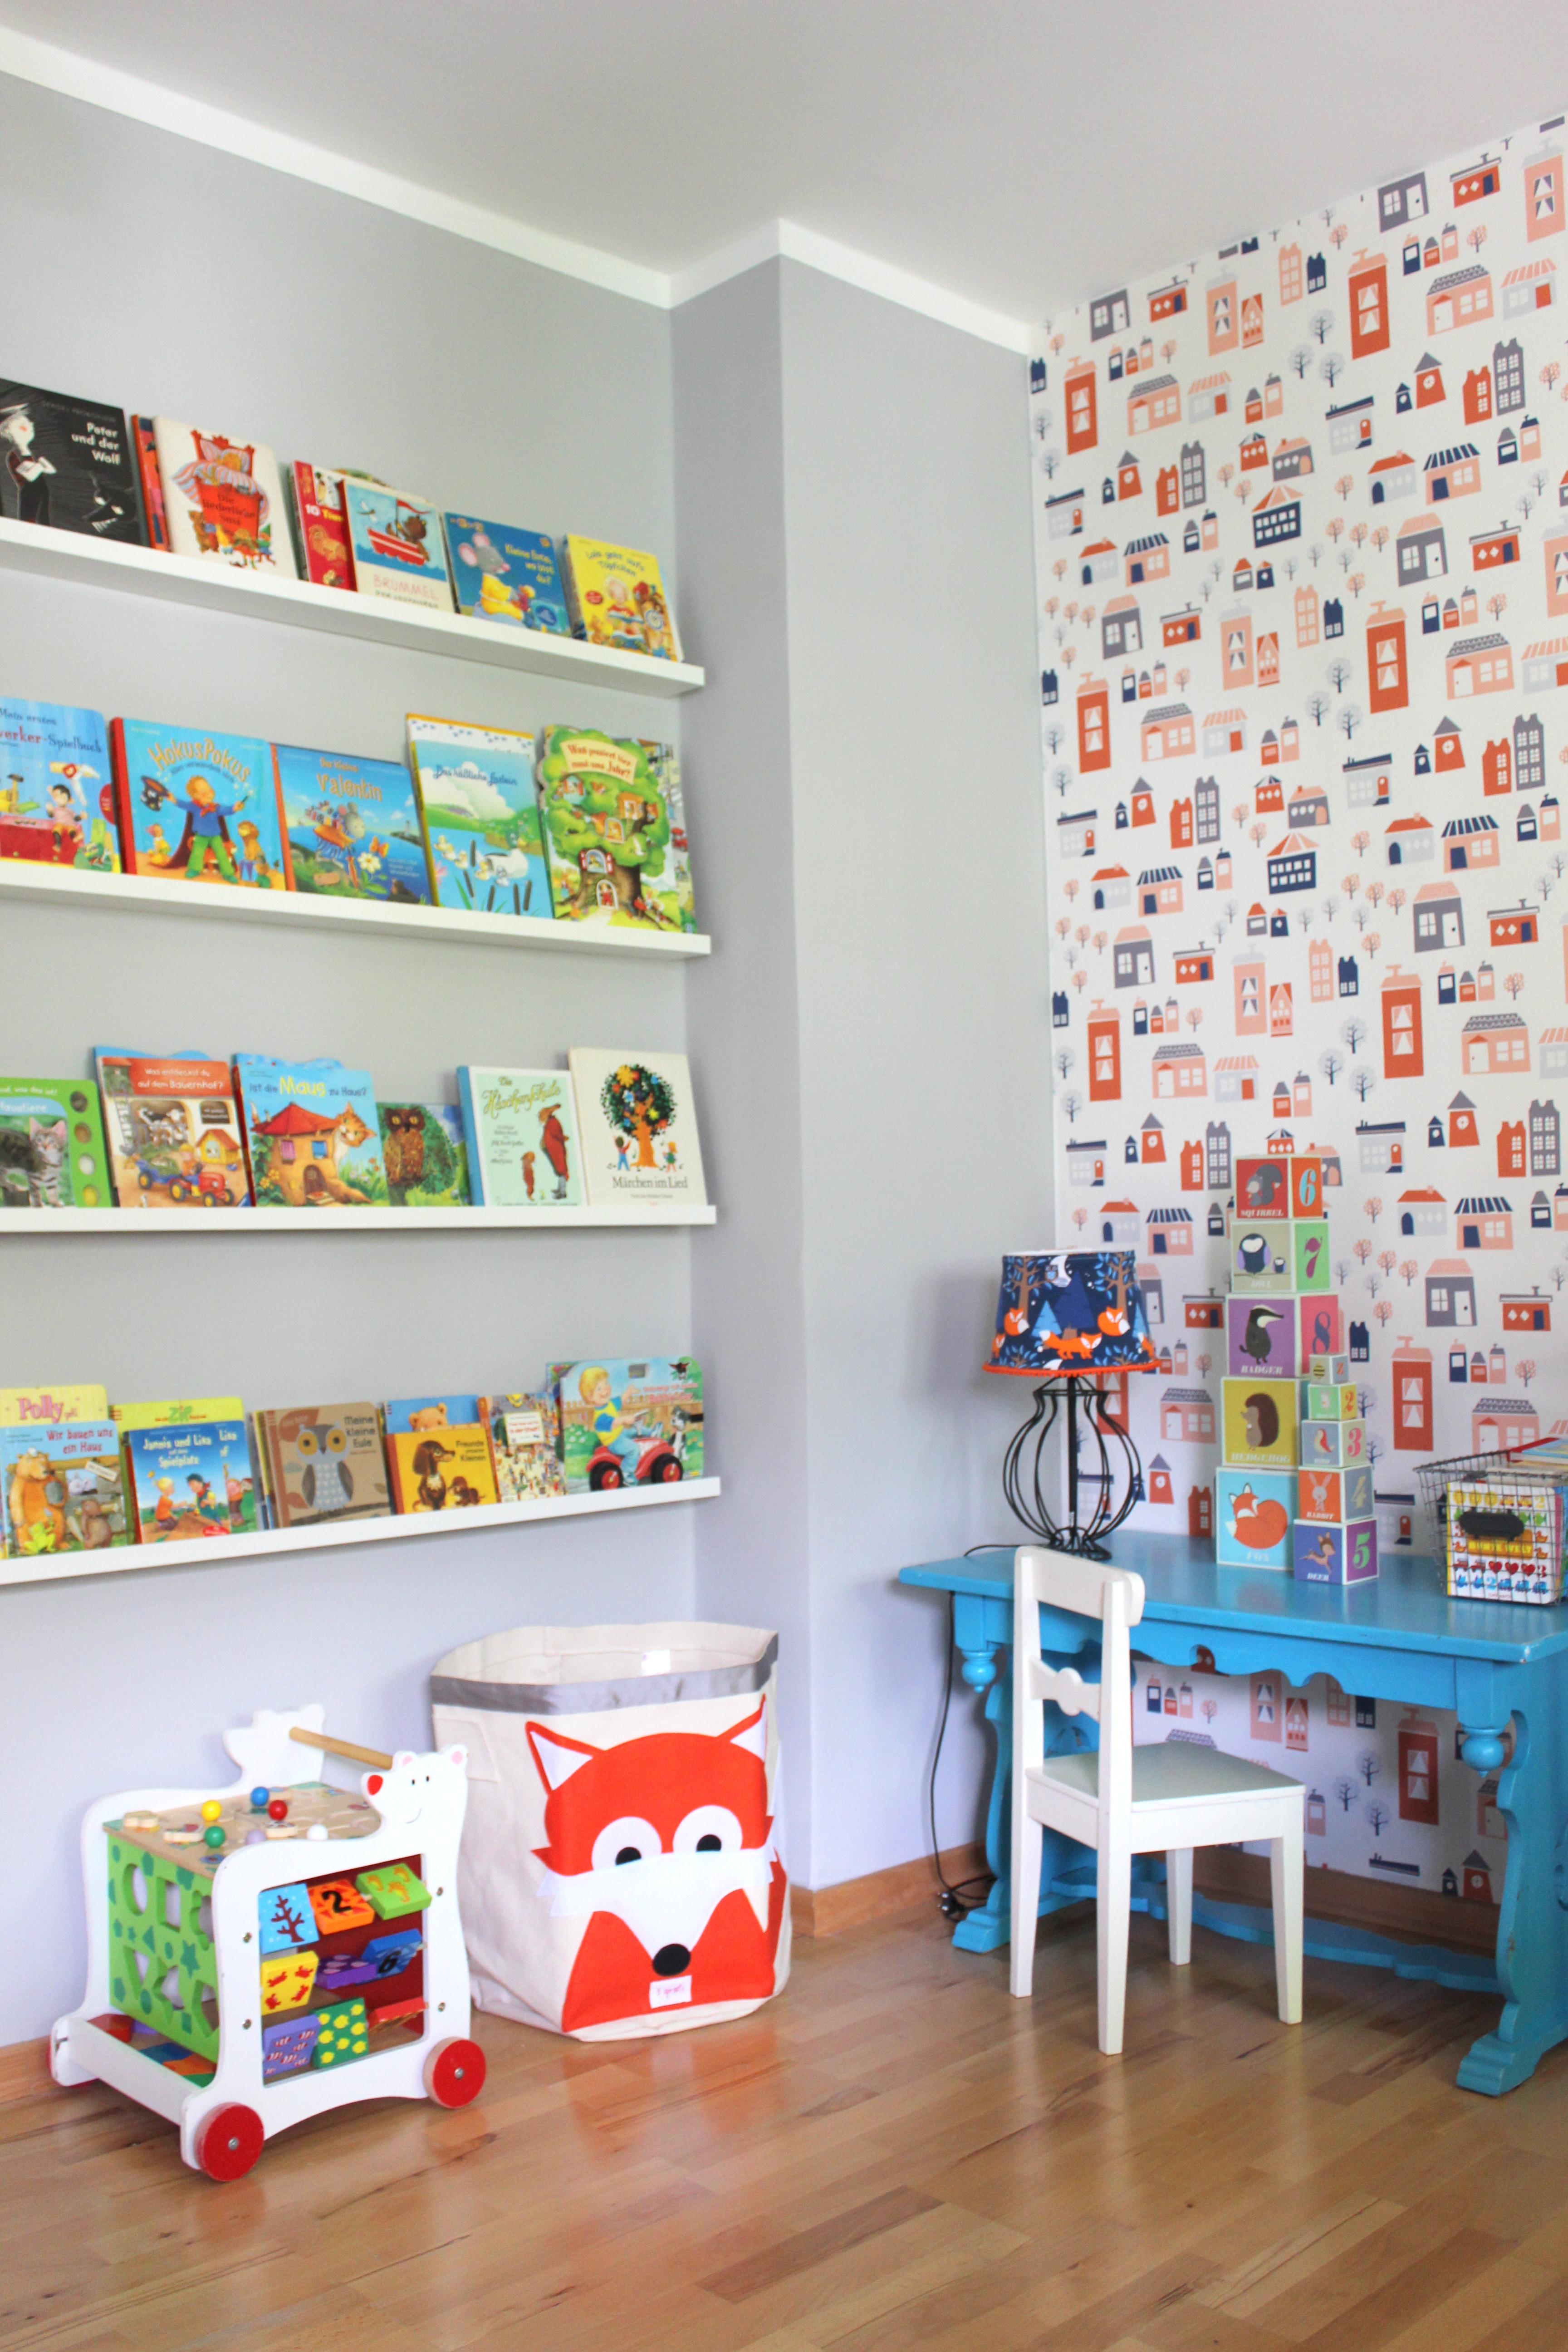 Ikea möbel kinderzimmer  Ikea Möbel Kinderzimmer | andorwp.com